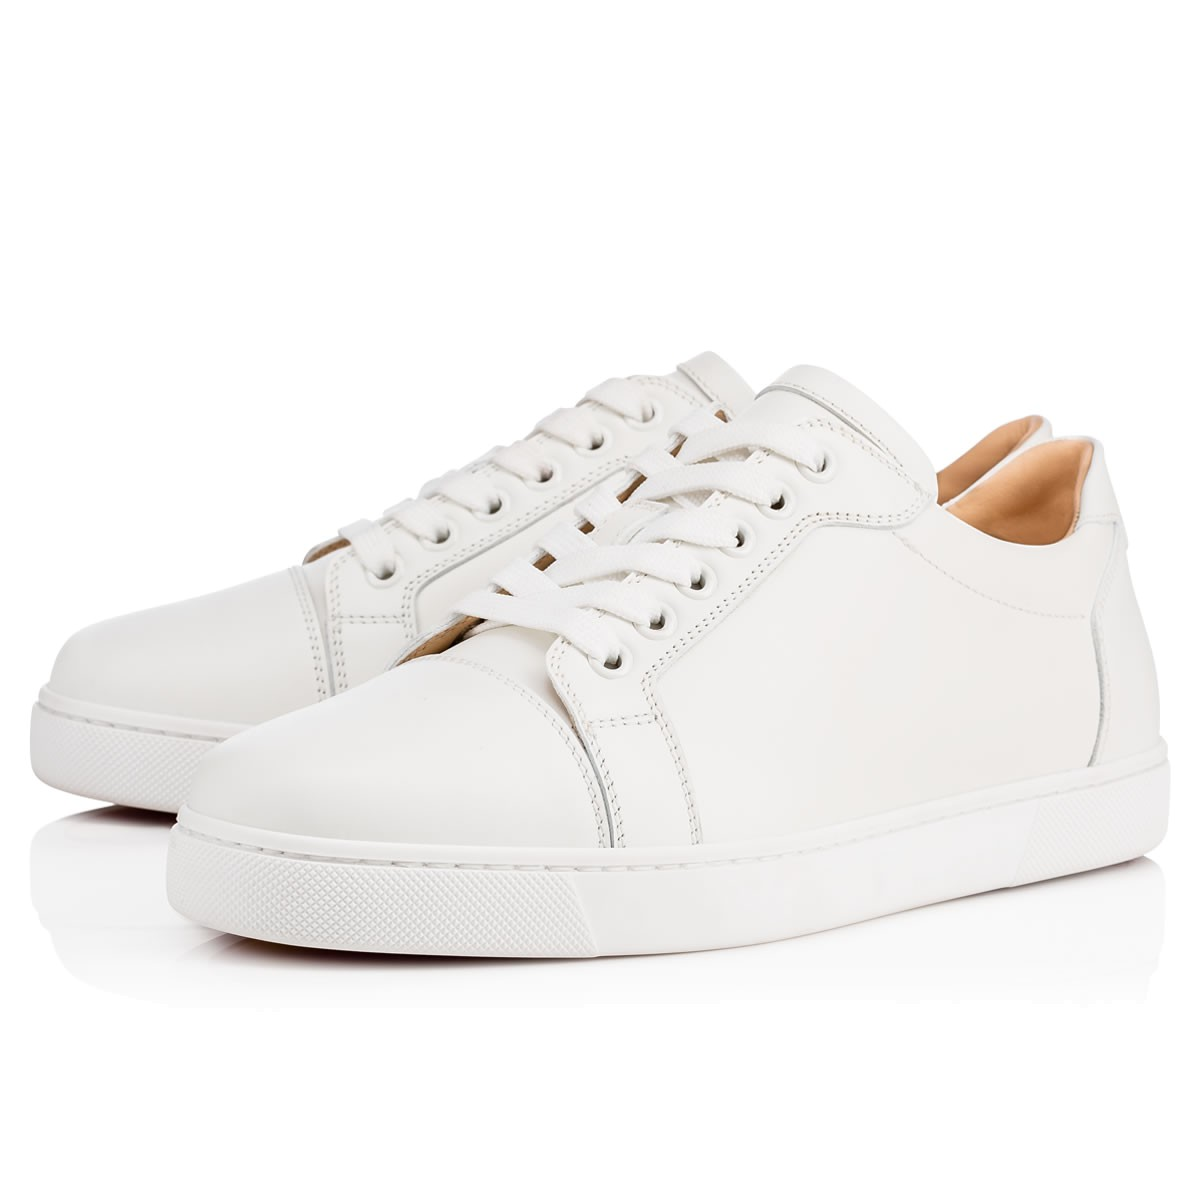 鞋履 - Vieira - Christian Louboutin